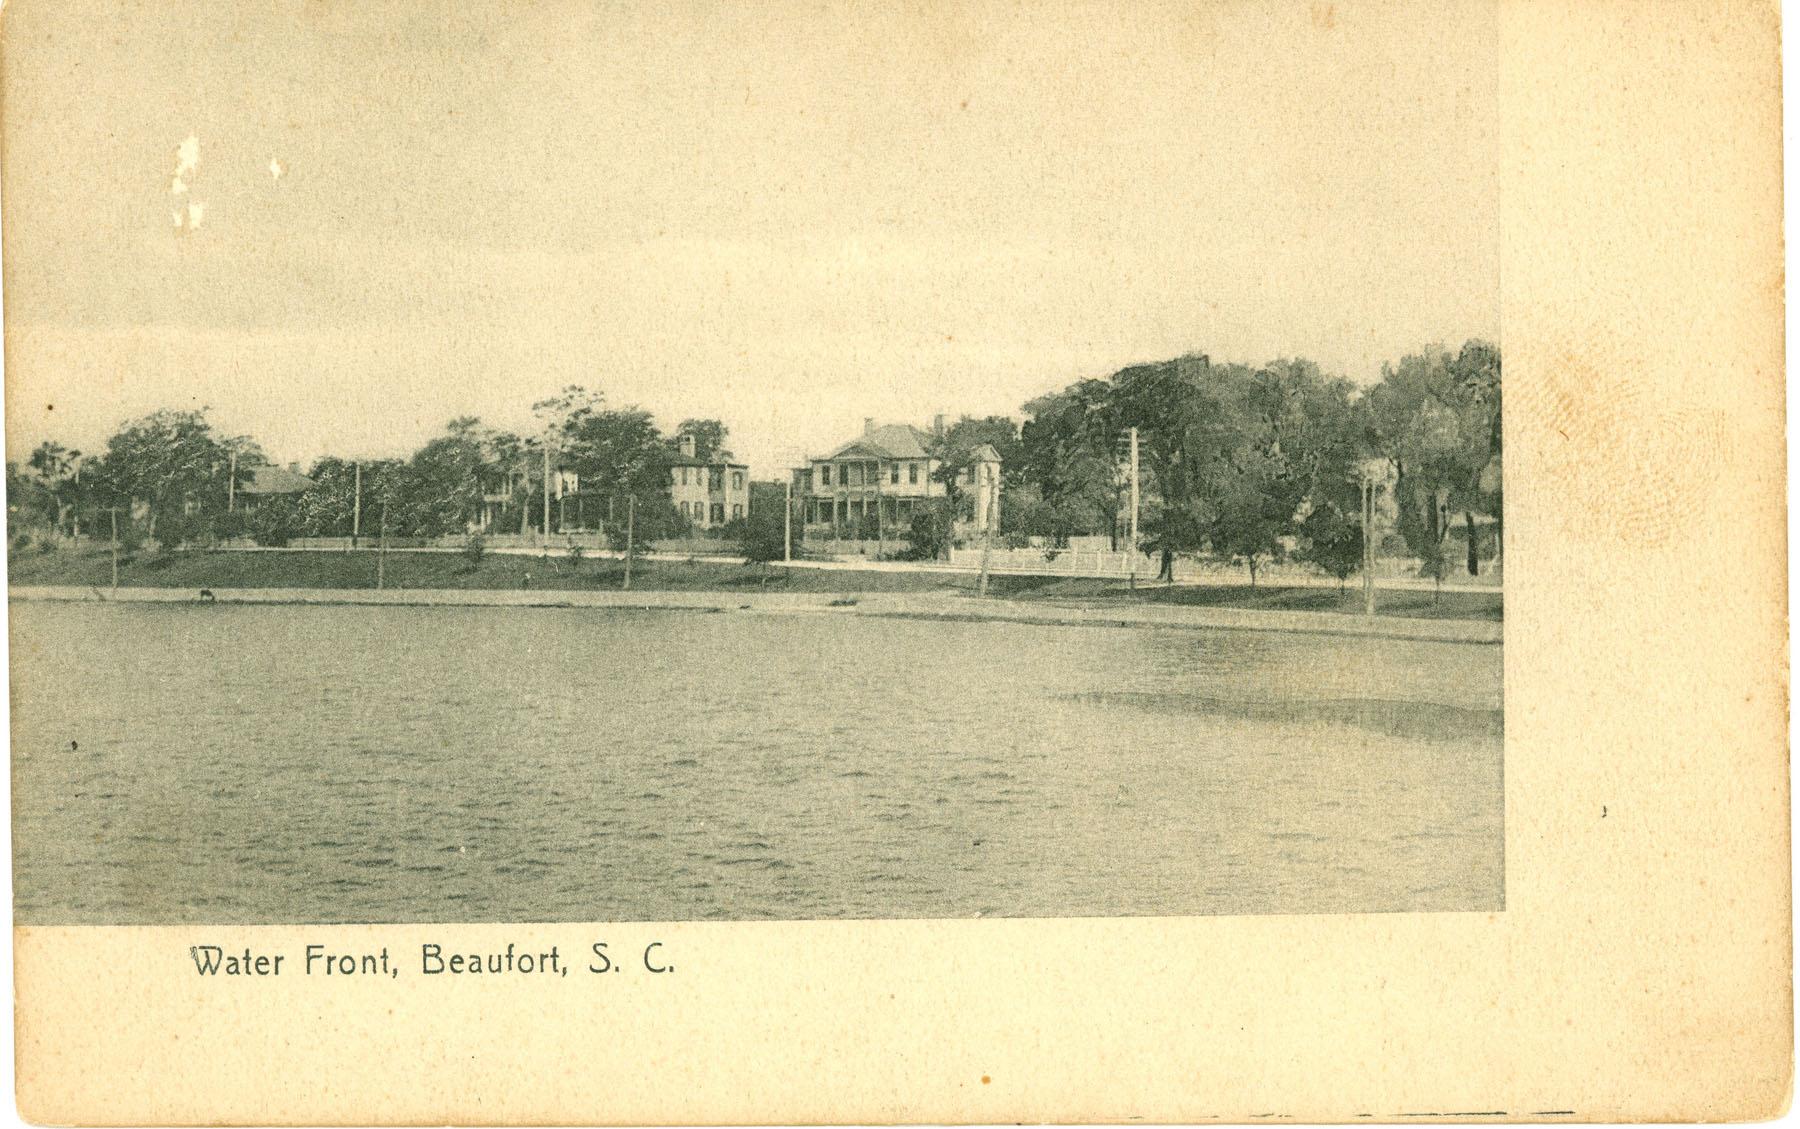 Water Front in Beaufort